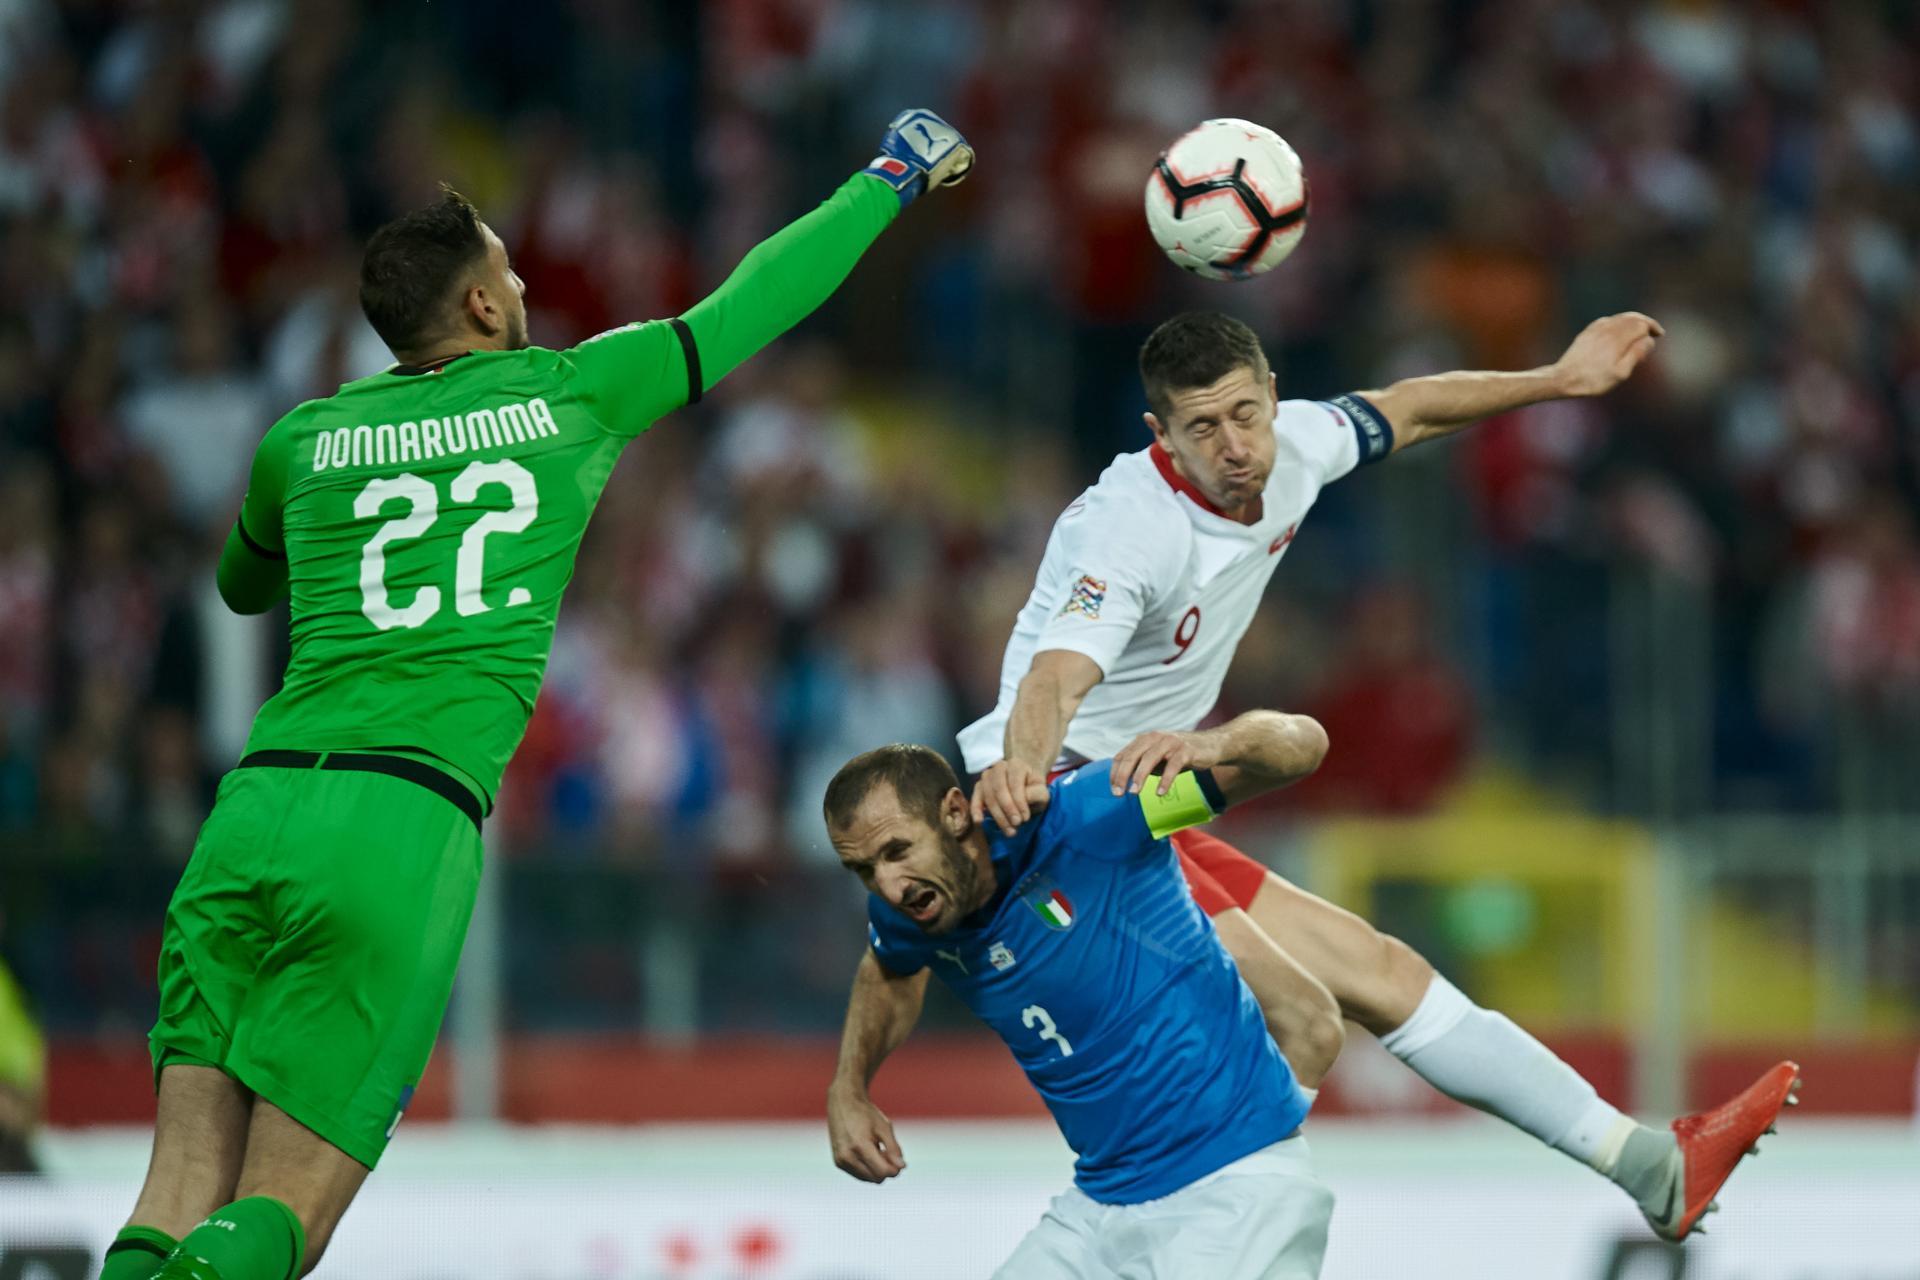 Włoski bramkarz Gianluigi Donnarumma próbuje uprzedzić Roberta Lewandowskiego w powietrznej walce. Polaka blokuje jeszcze obrońca Giorgio Chiellini.